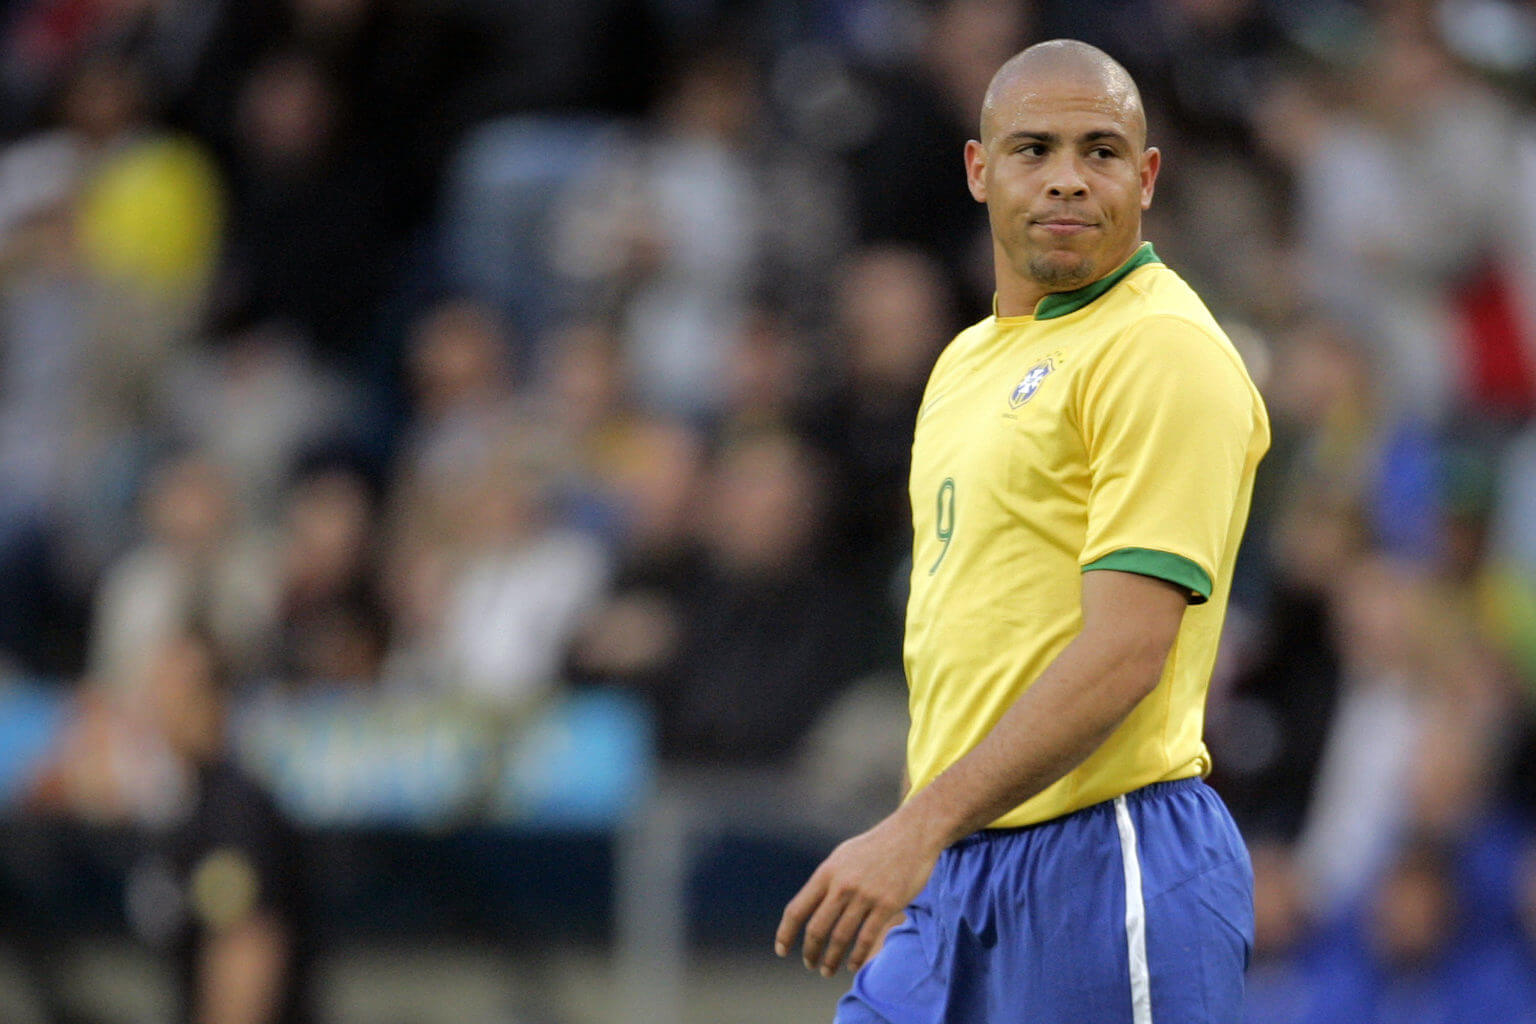 Ronaldo war vermutlich der talentierteste Fußballer mit Übergewicht